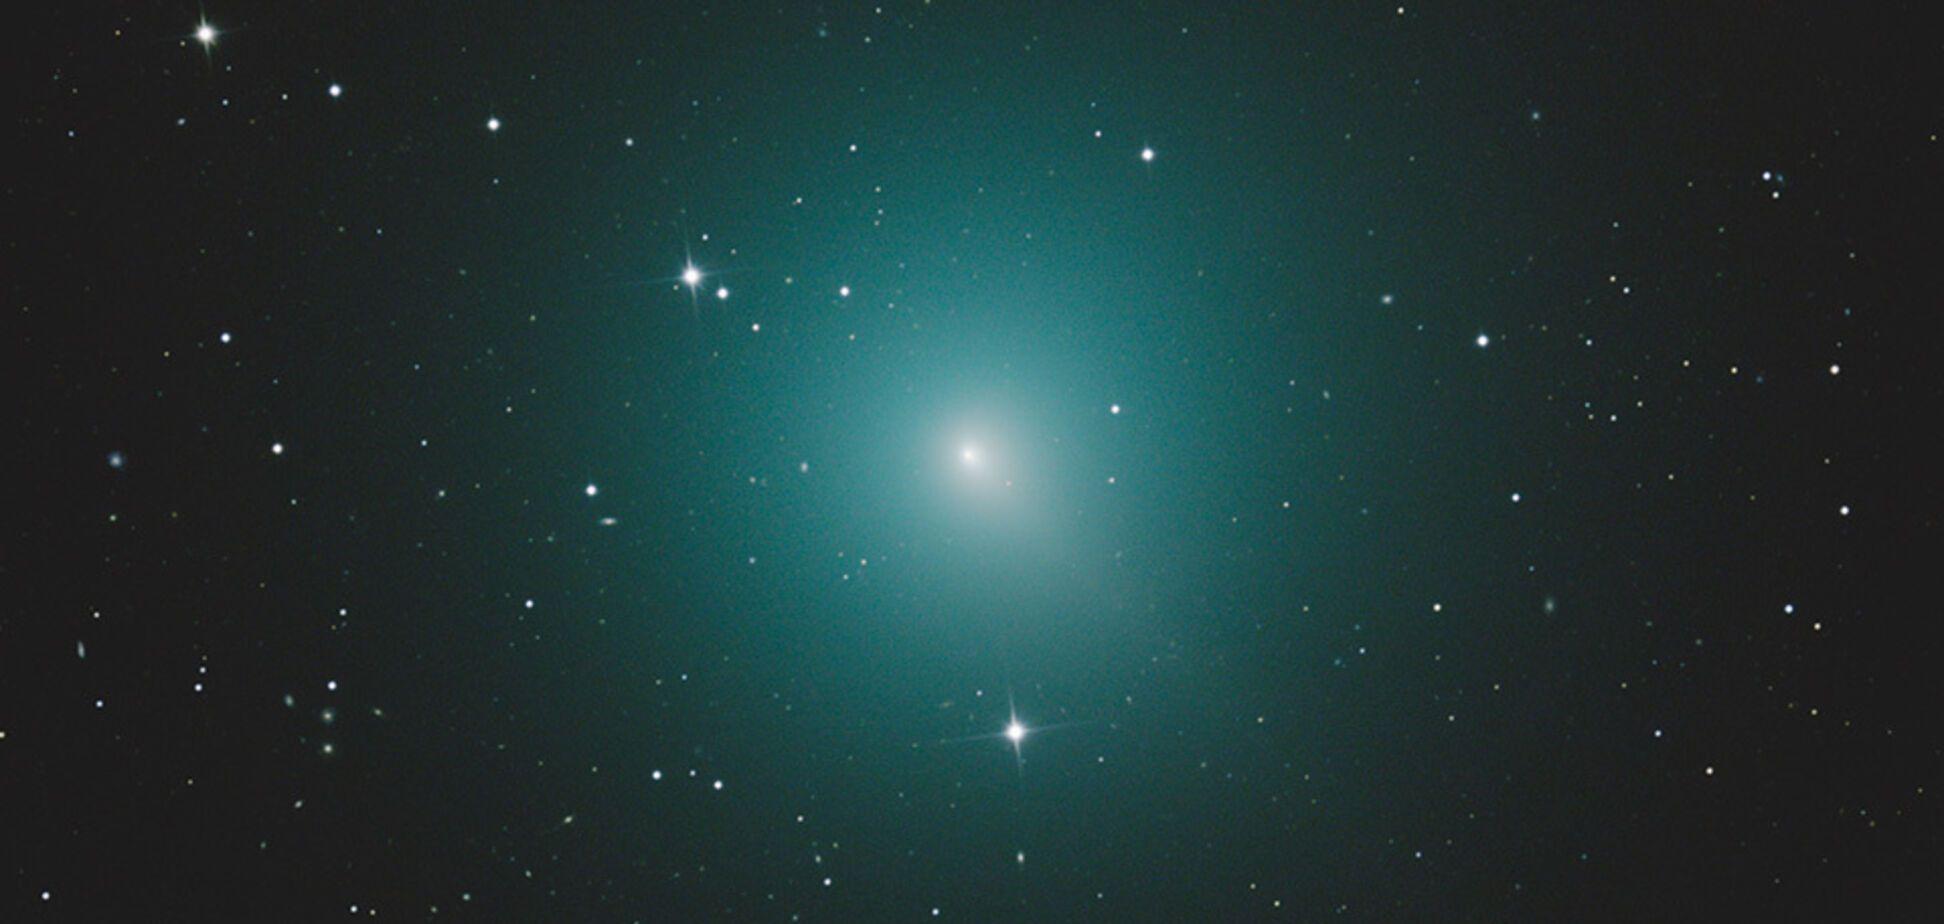 К Земле мчится самая яркая комета за последние 5 лет: что известно